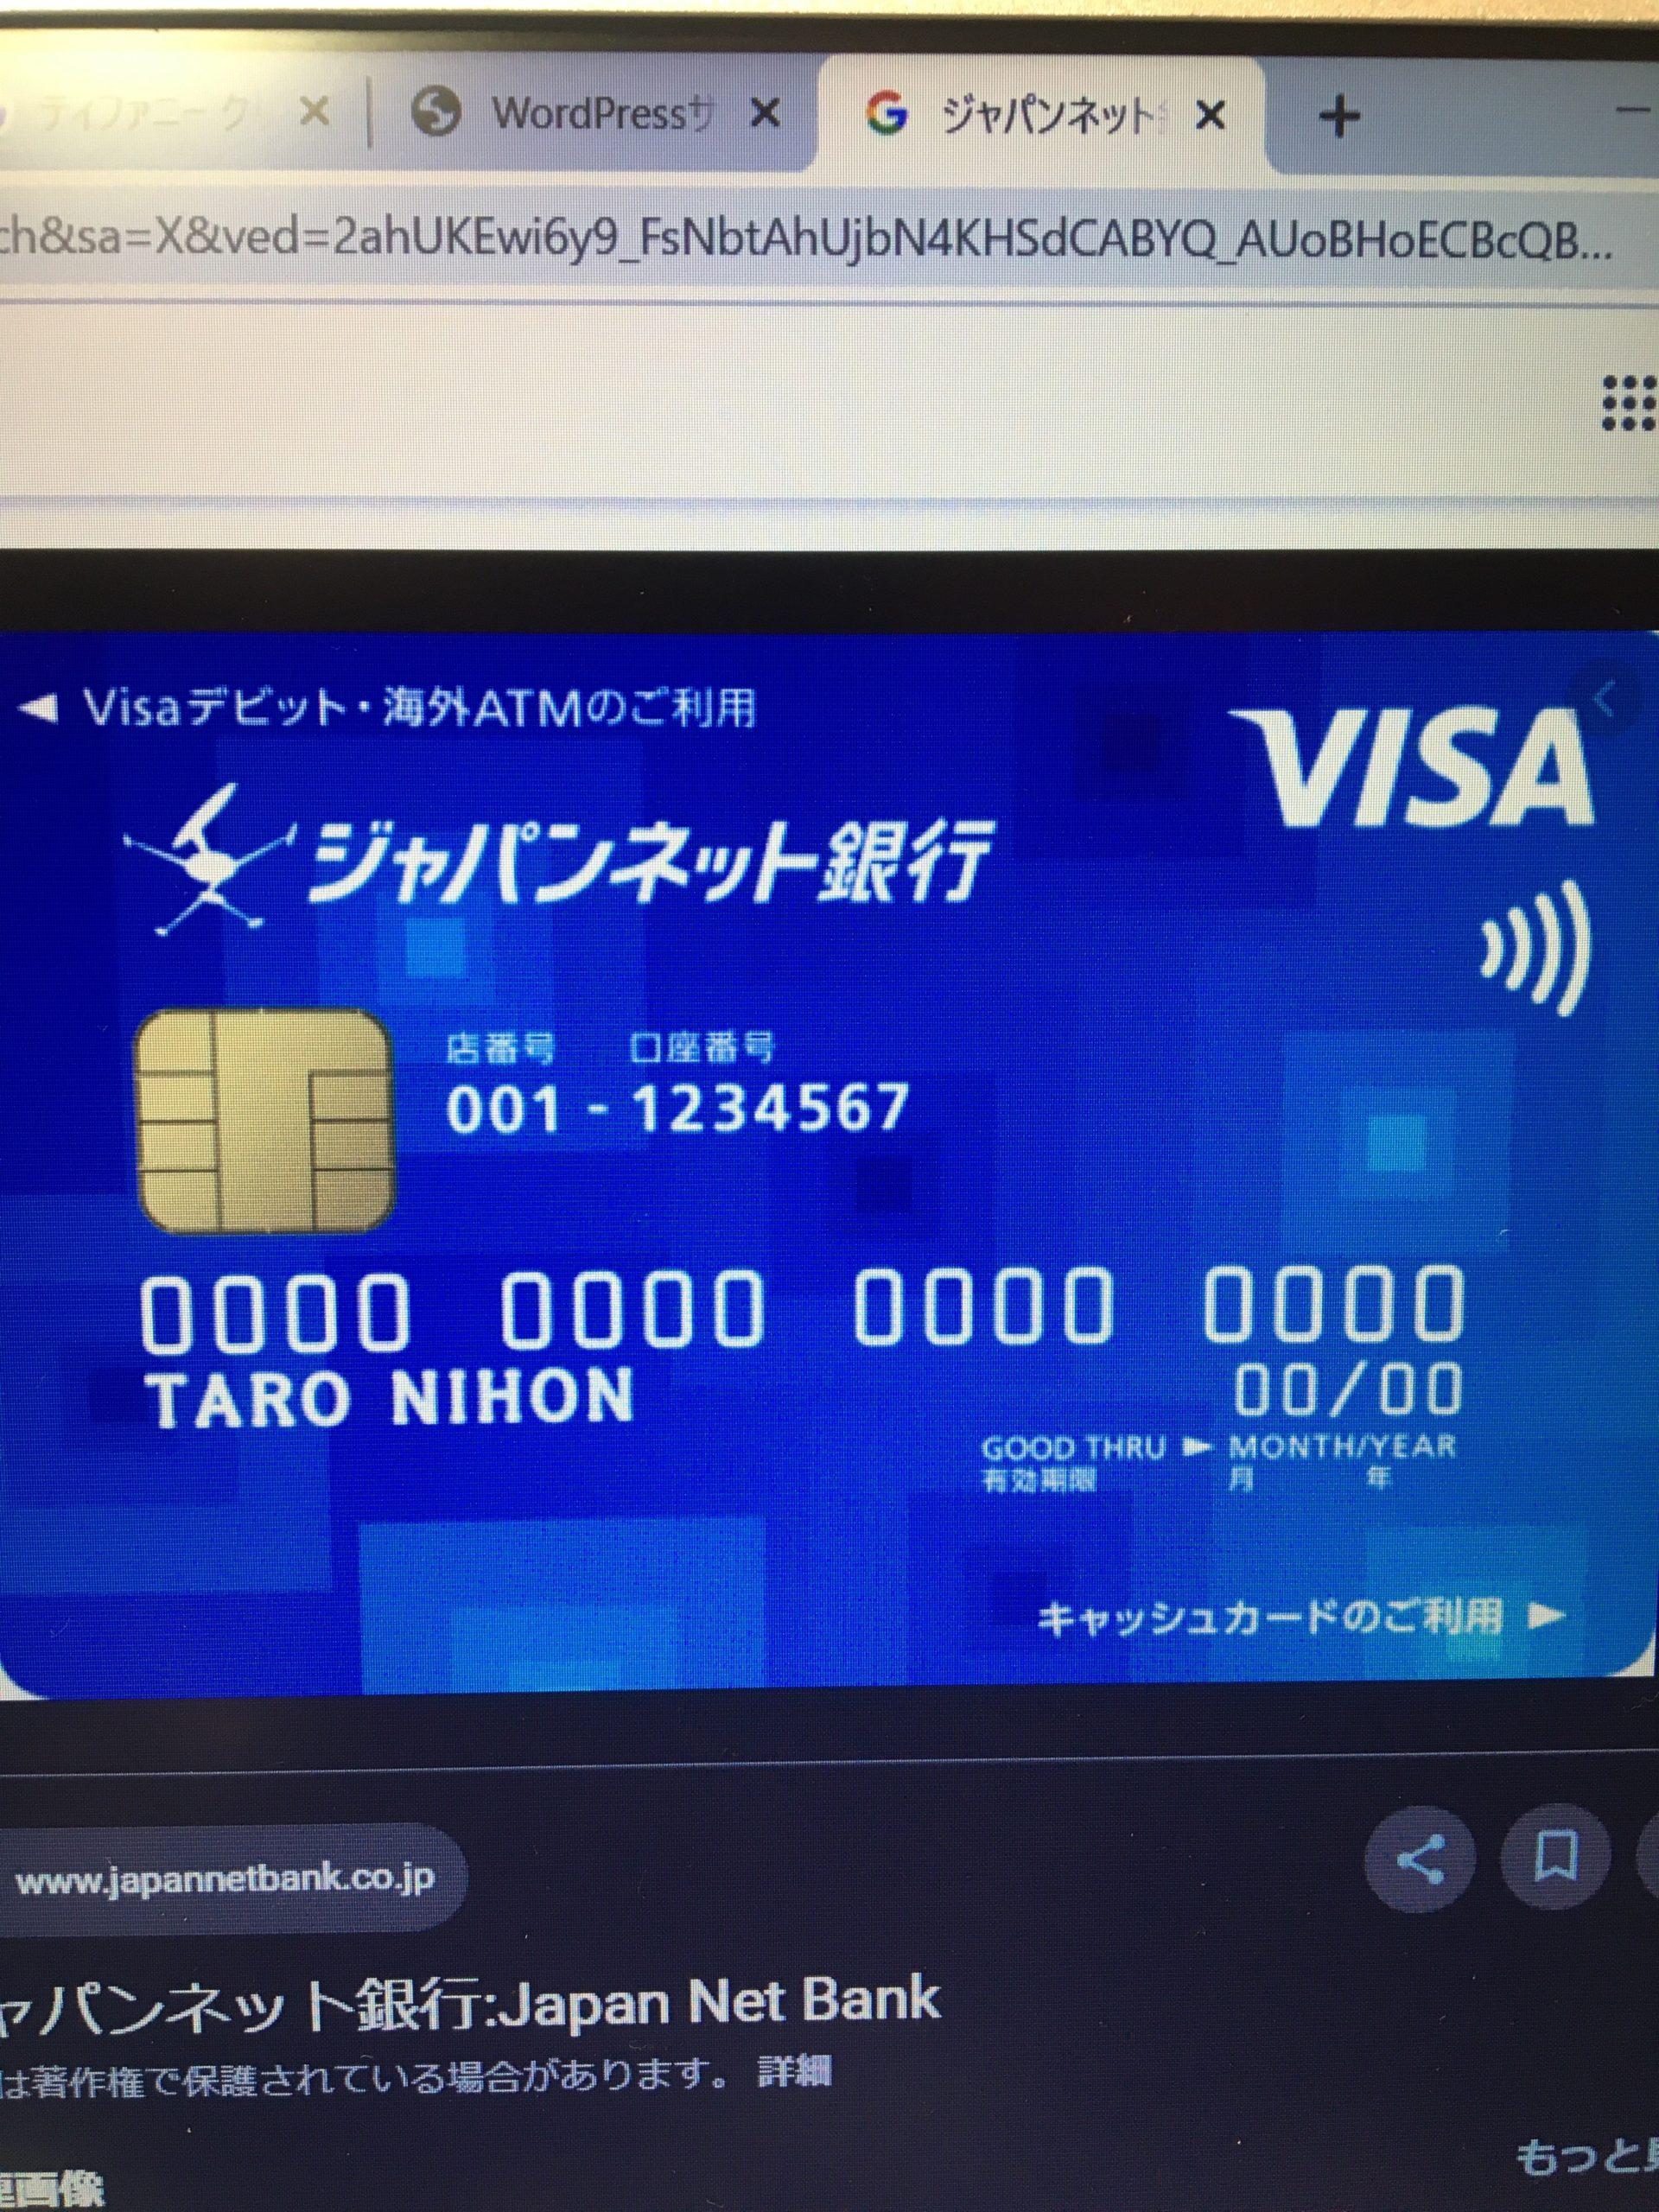 マイナポイントが取りやすい「ジャパンネット銀行」 visaデビットが便利